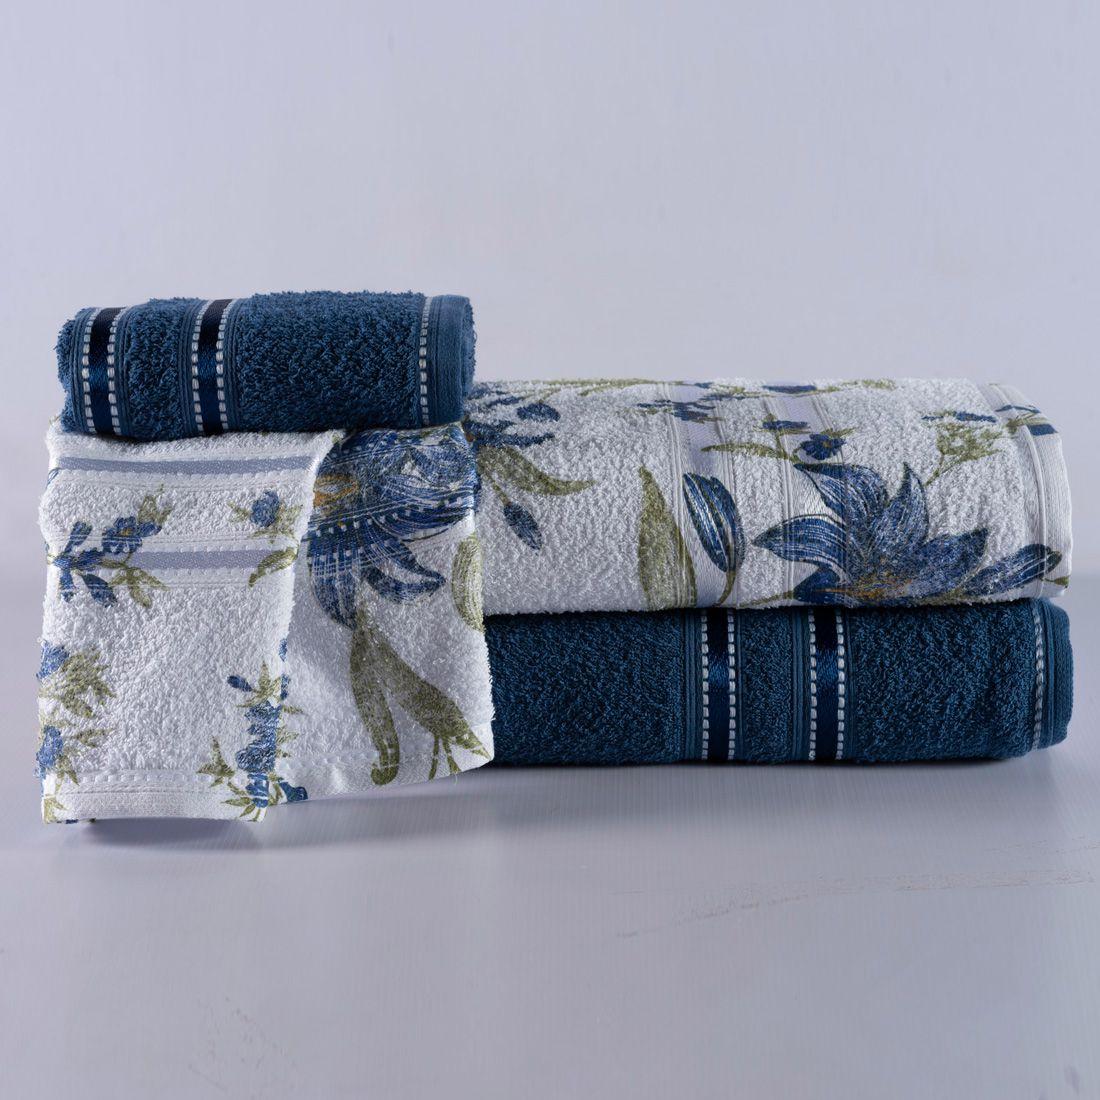 Jogo de Banho Noblesse Marinho/Floral Azul Felpa 100% Algodão 340 g/m² - 02 Peças